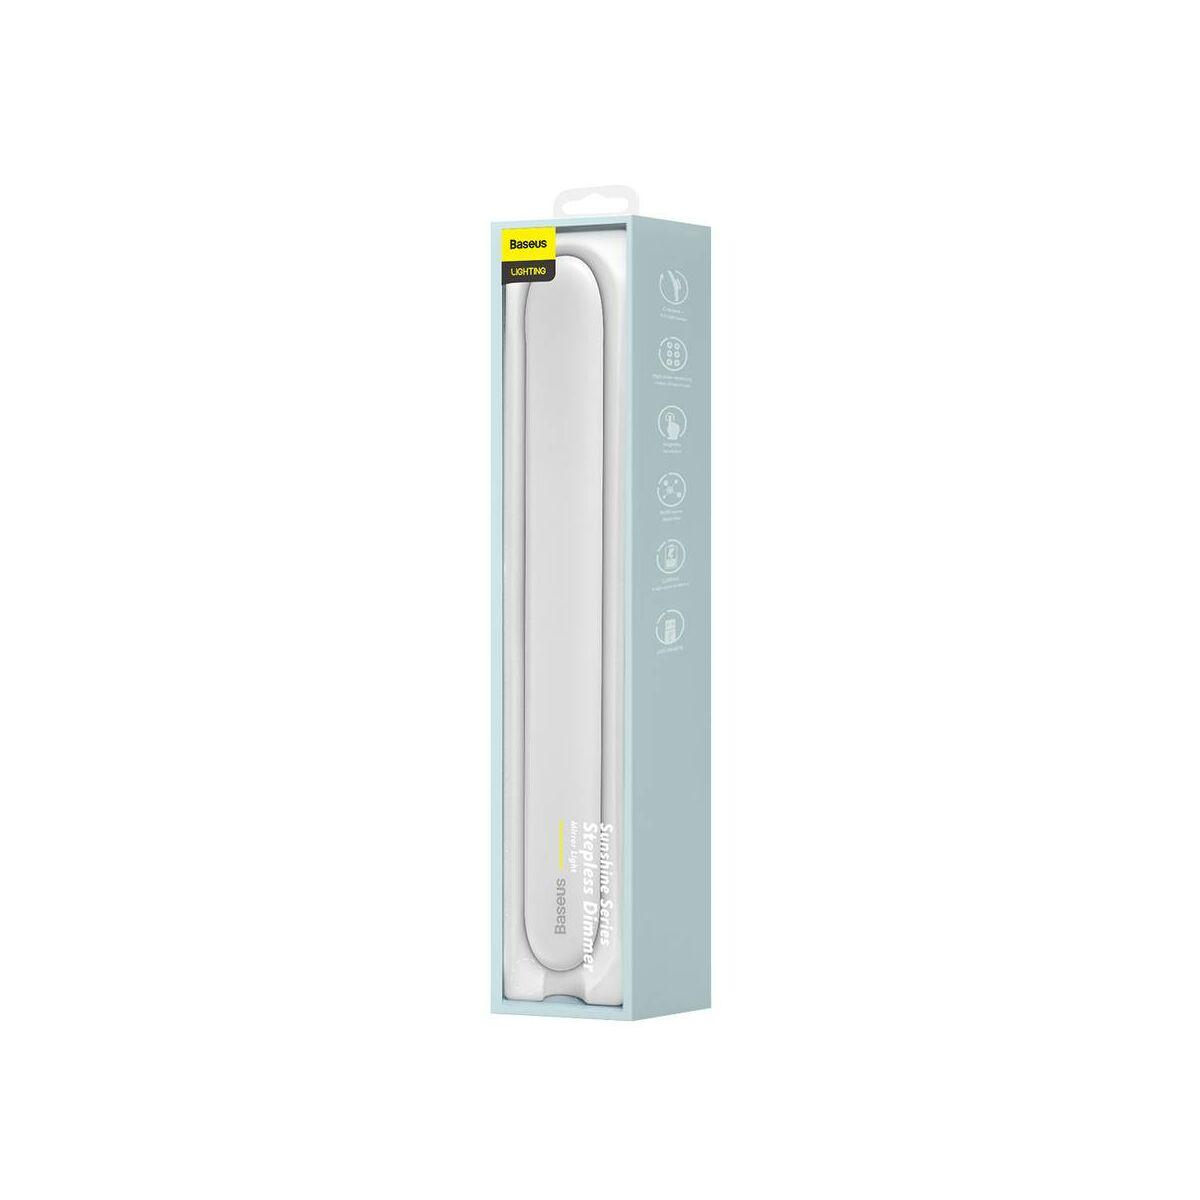 Baseus otthon, Sunshine series fokozat nélküli fényszabályozós tükör / gardrobe fény, természetes fehér (DGSUN-JA02)